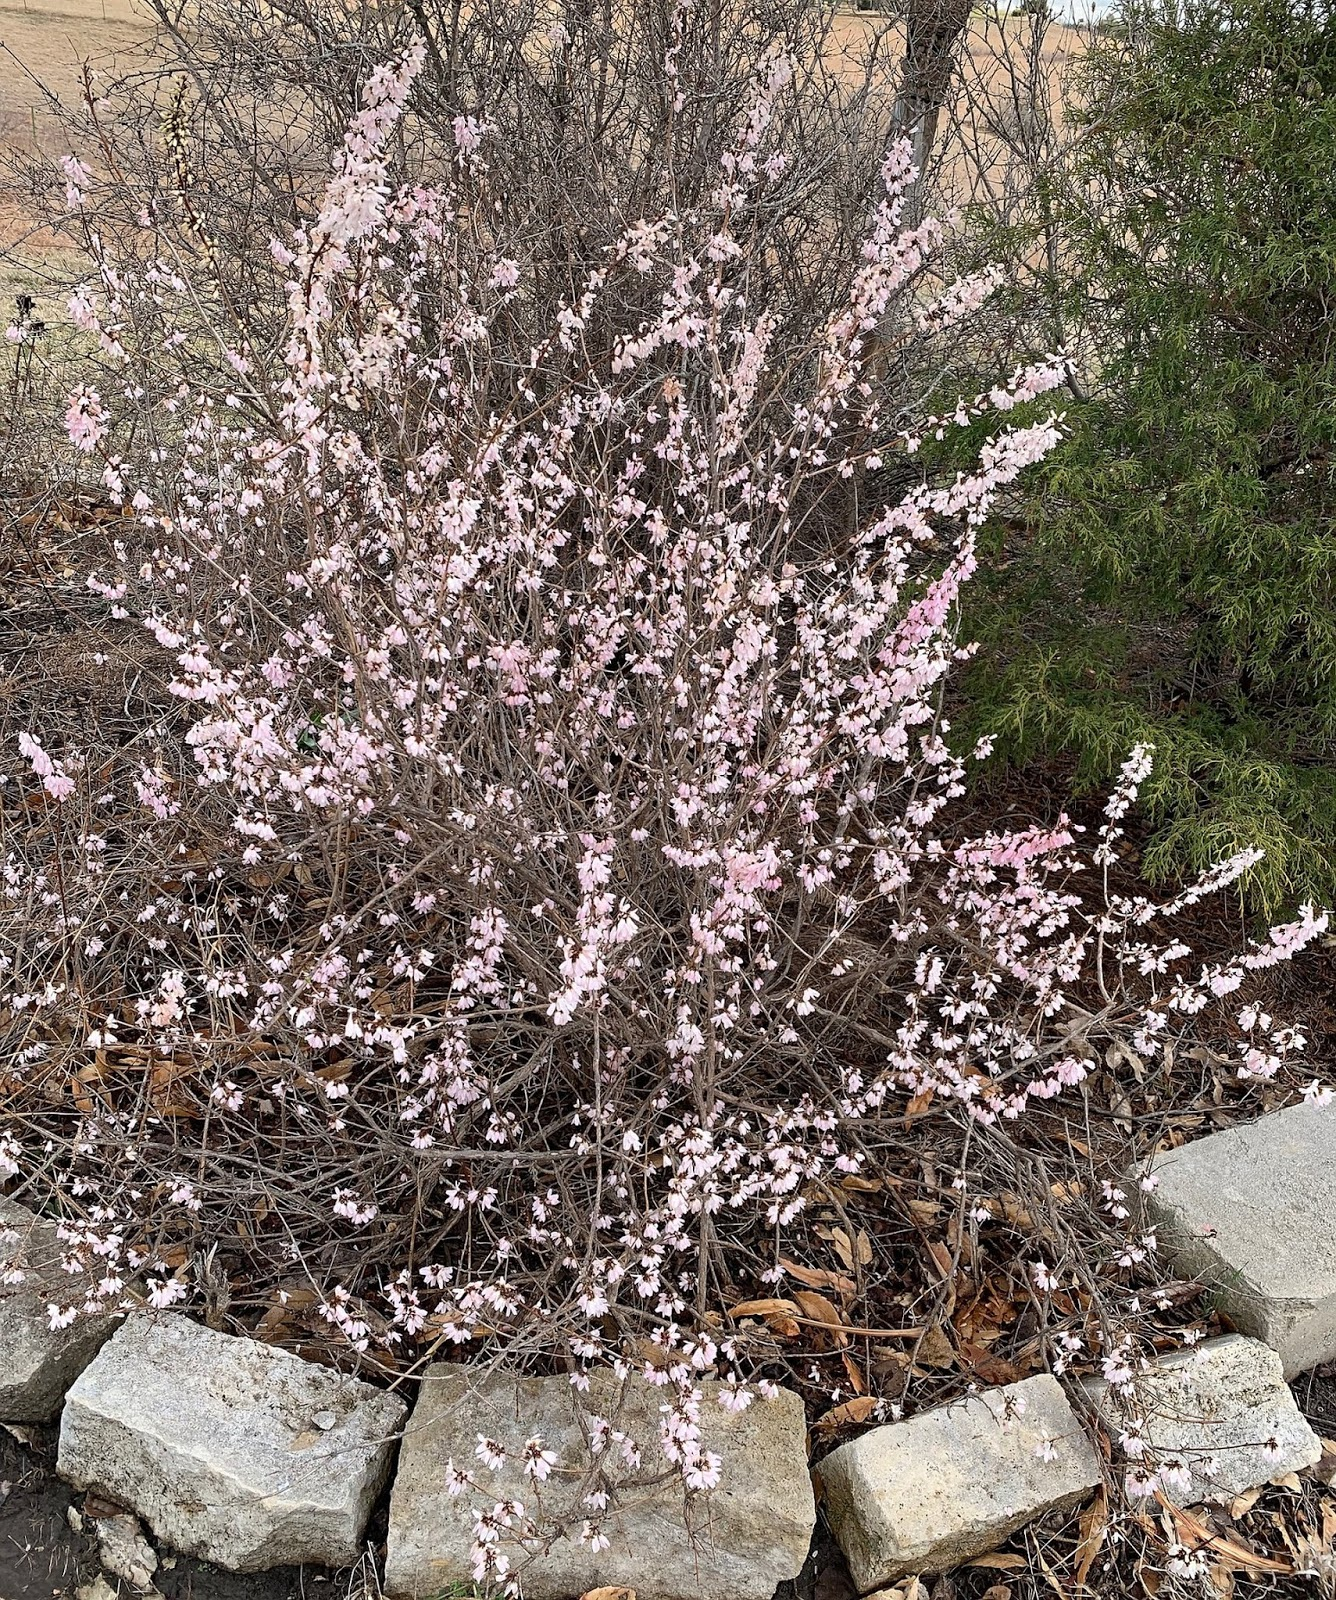 Garden Musings Idling In Neutral Gear